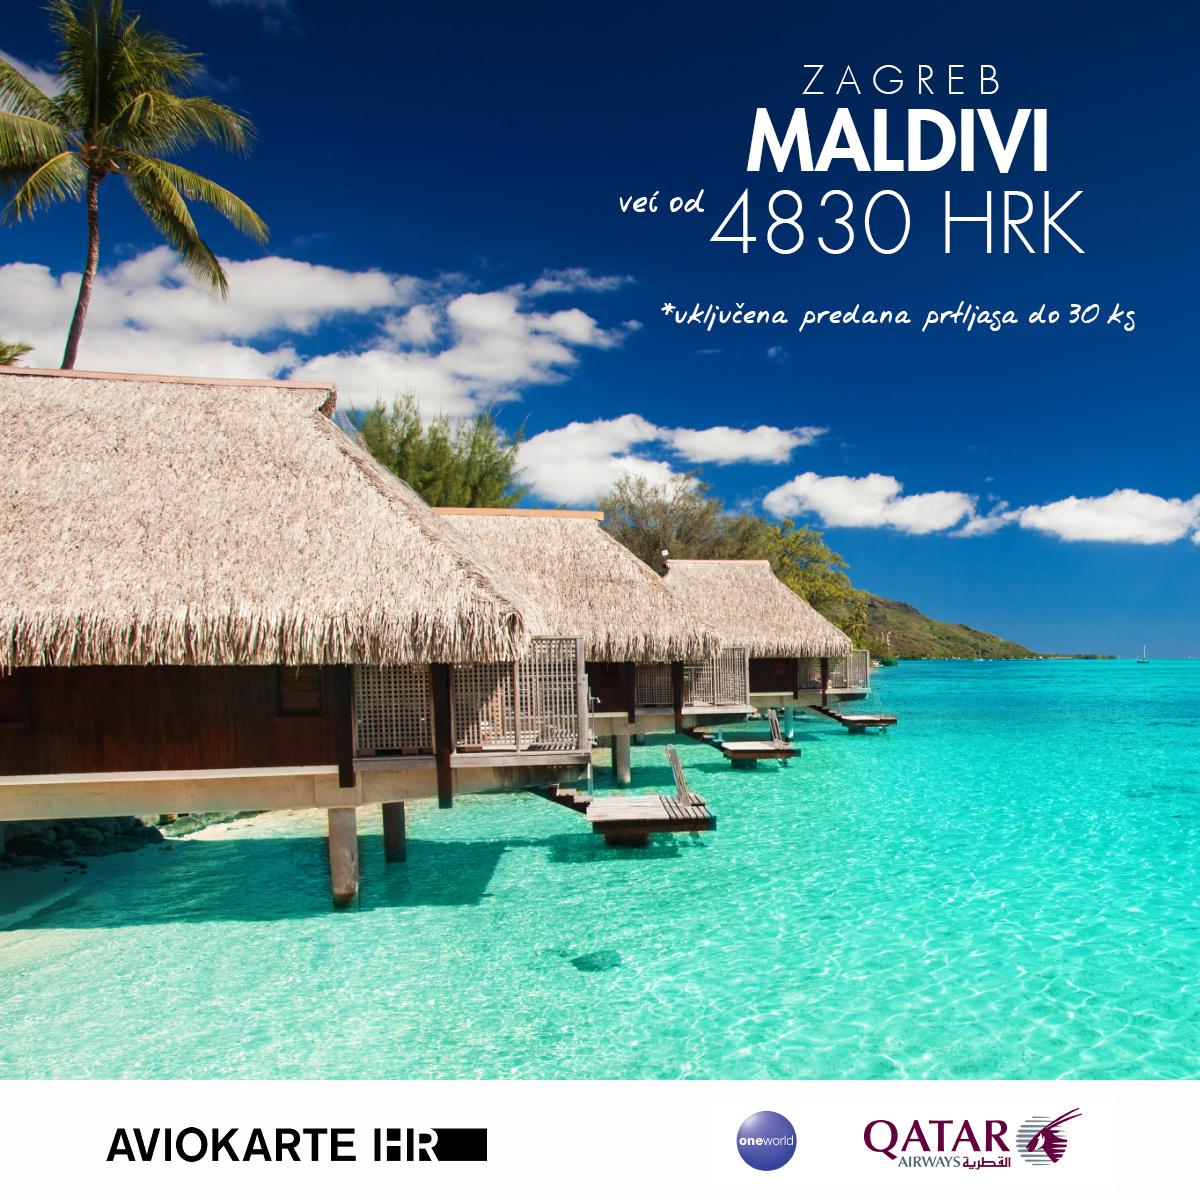 Los Angeles vizual, Maldivi već od 1400 kuna, Maldivi jeftine avio karte, putovanje za Maldivi